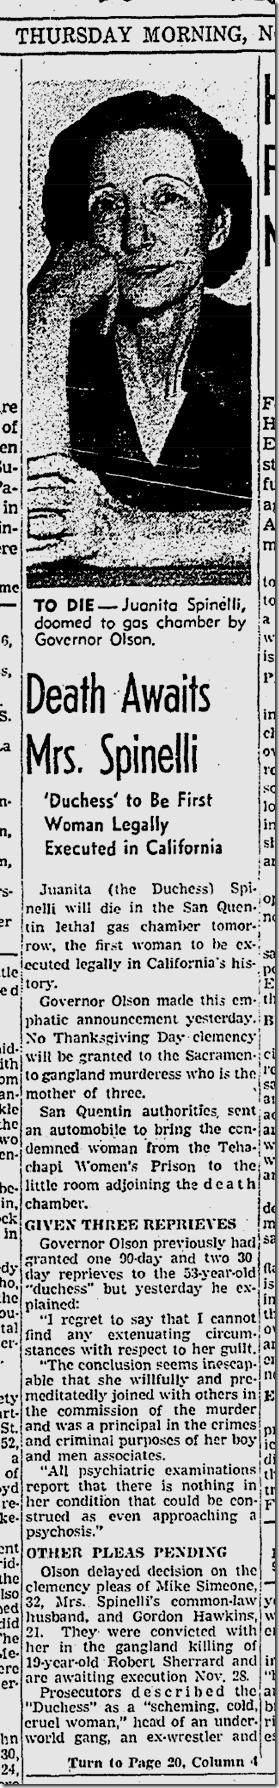 Nov. 20, 1941, Juanita Spinelli